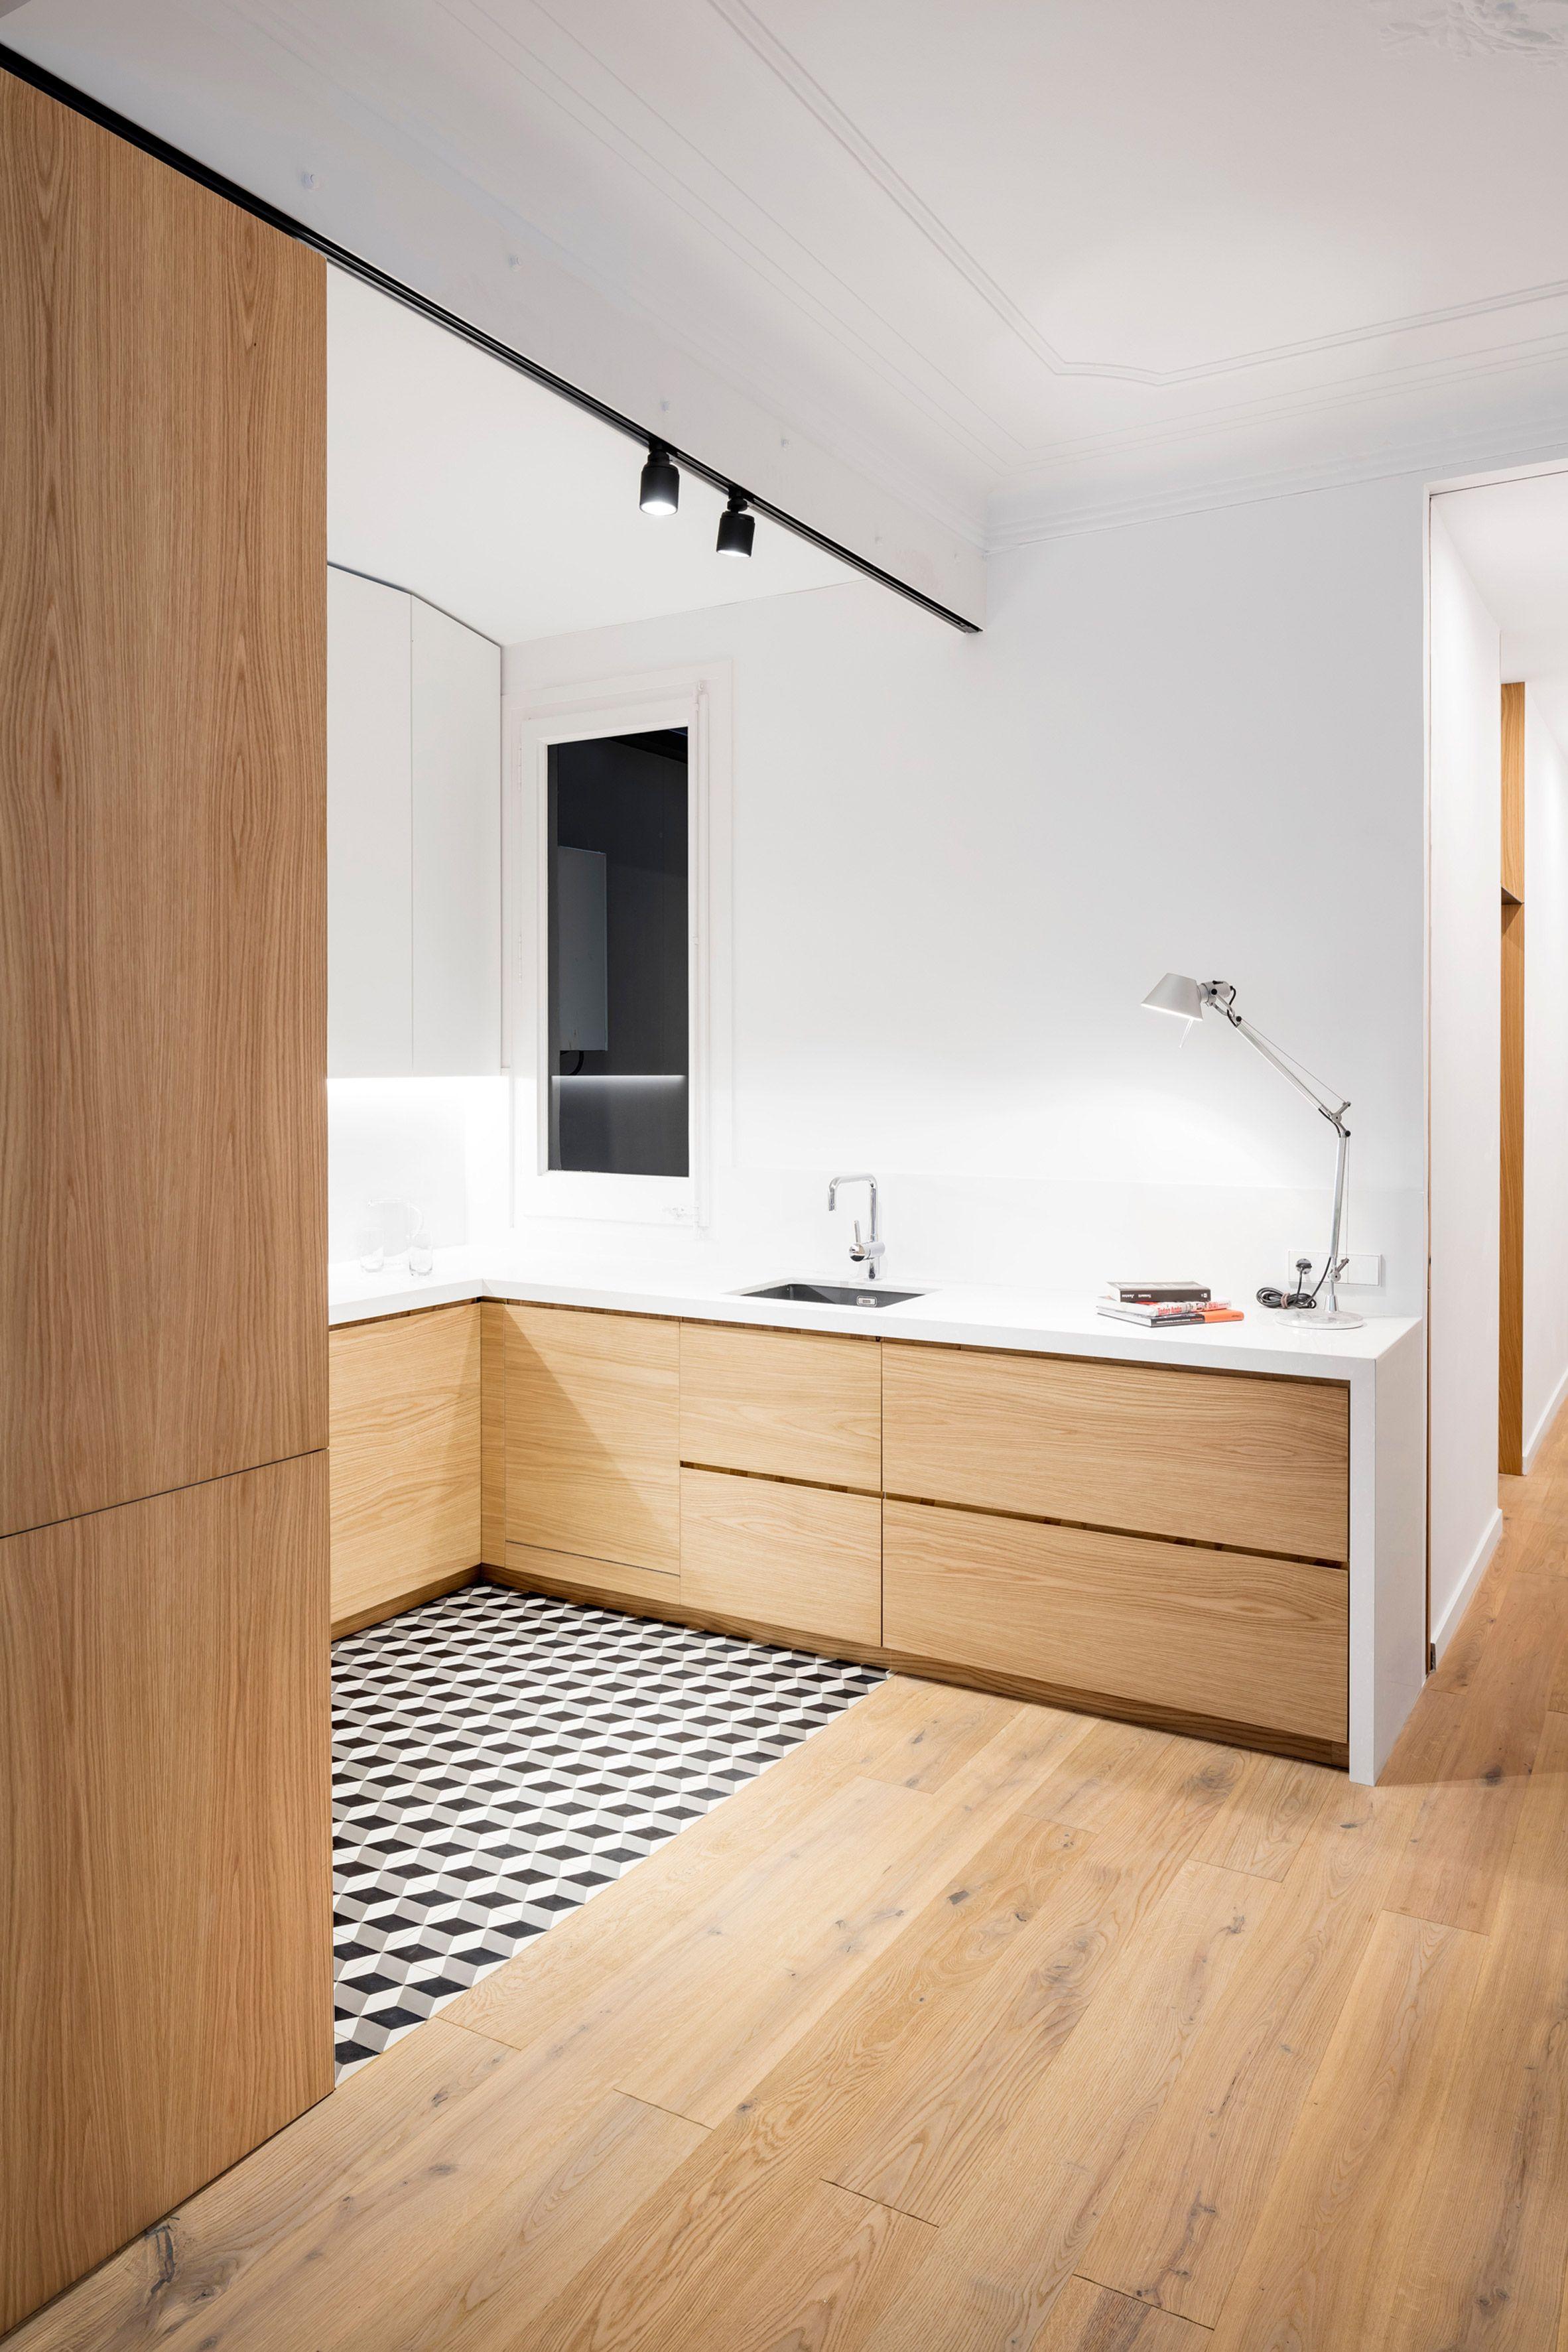 Innenarchitektur für küchenschrank eo arquitectura eschews tiles for timber in barcelona apartment